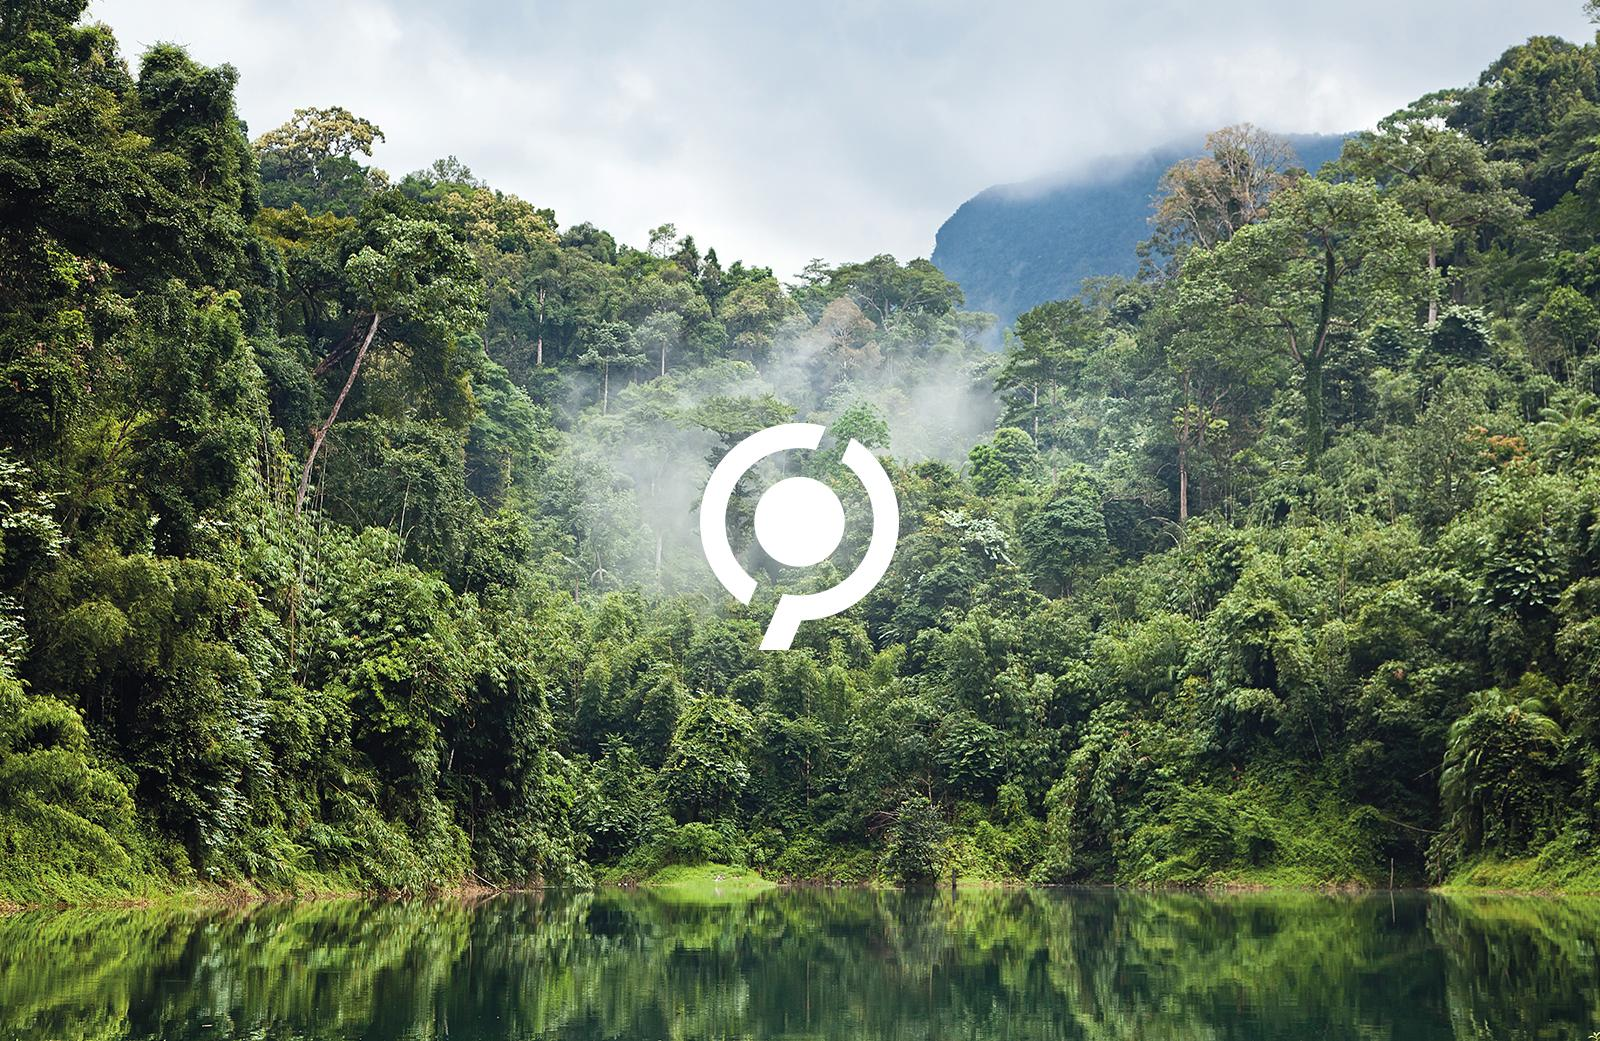 Climate Partner Tropische Landschaft und 1C Logo